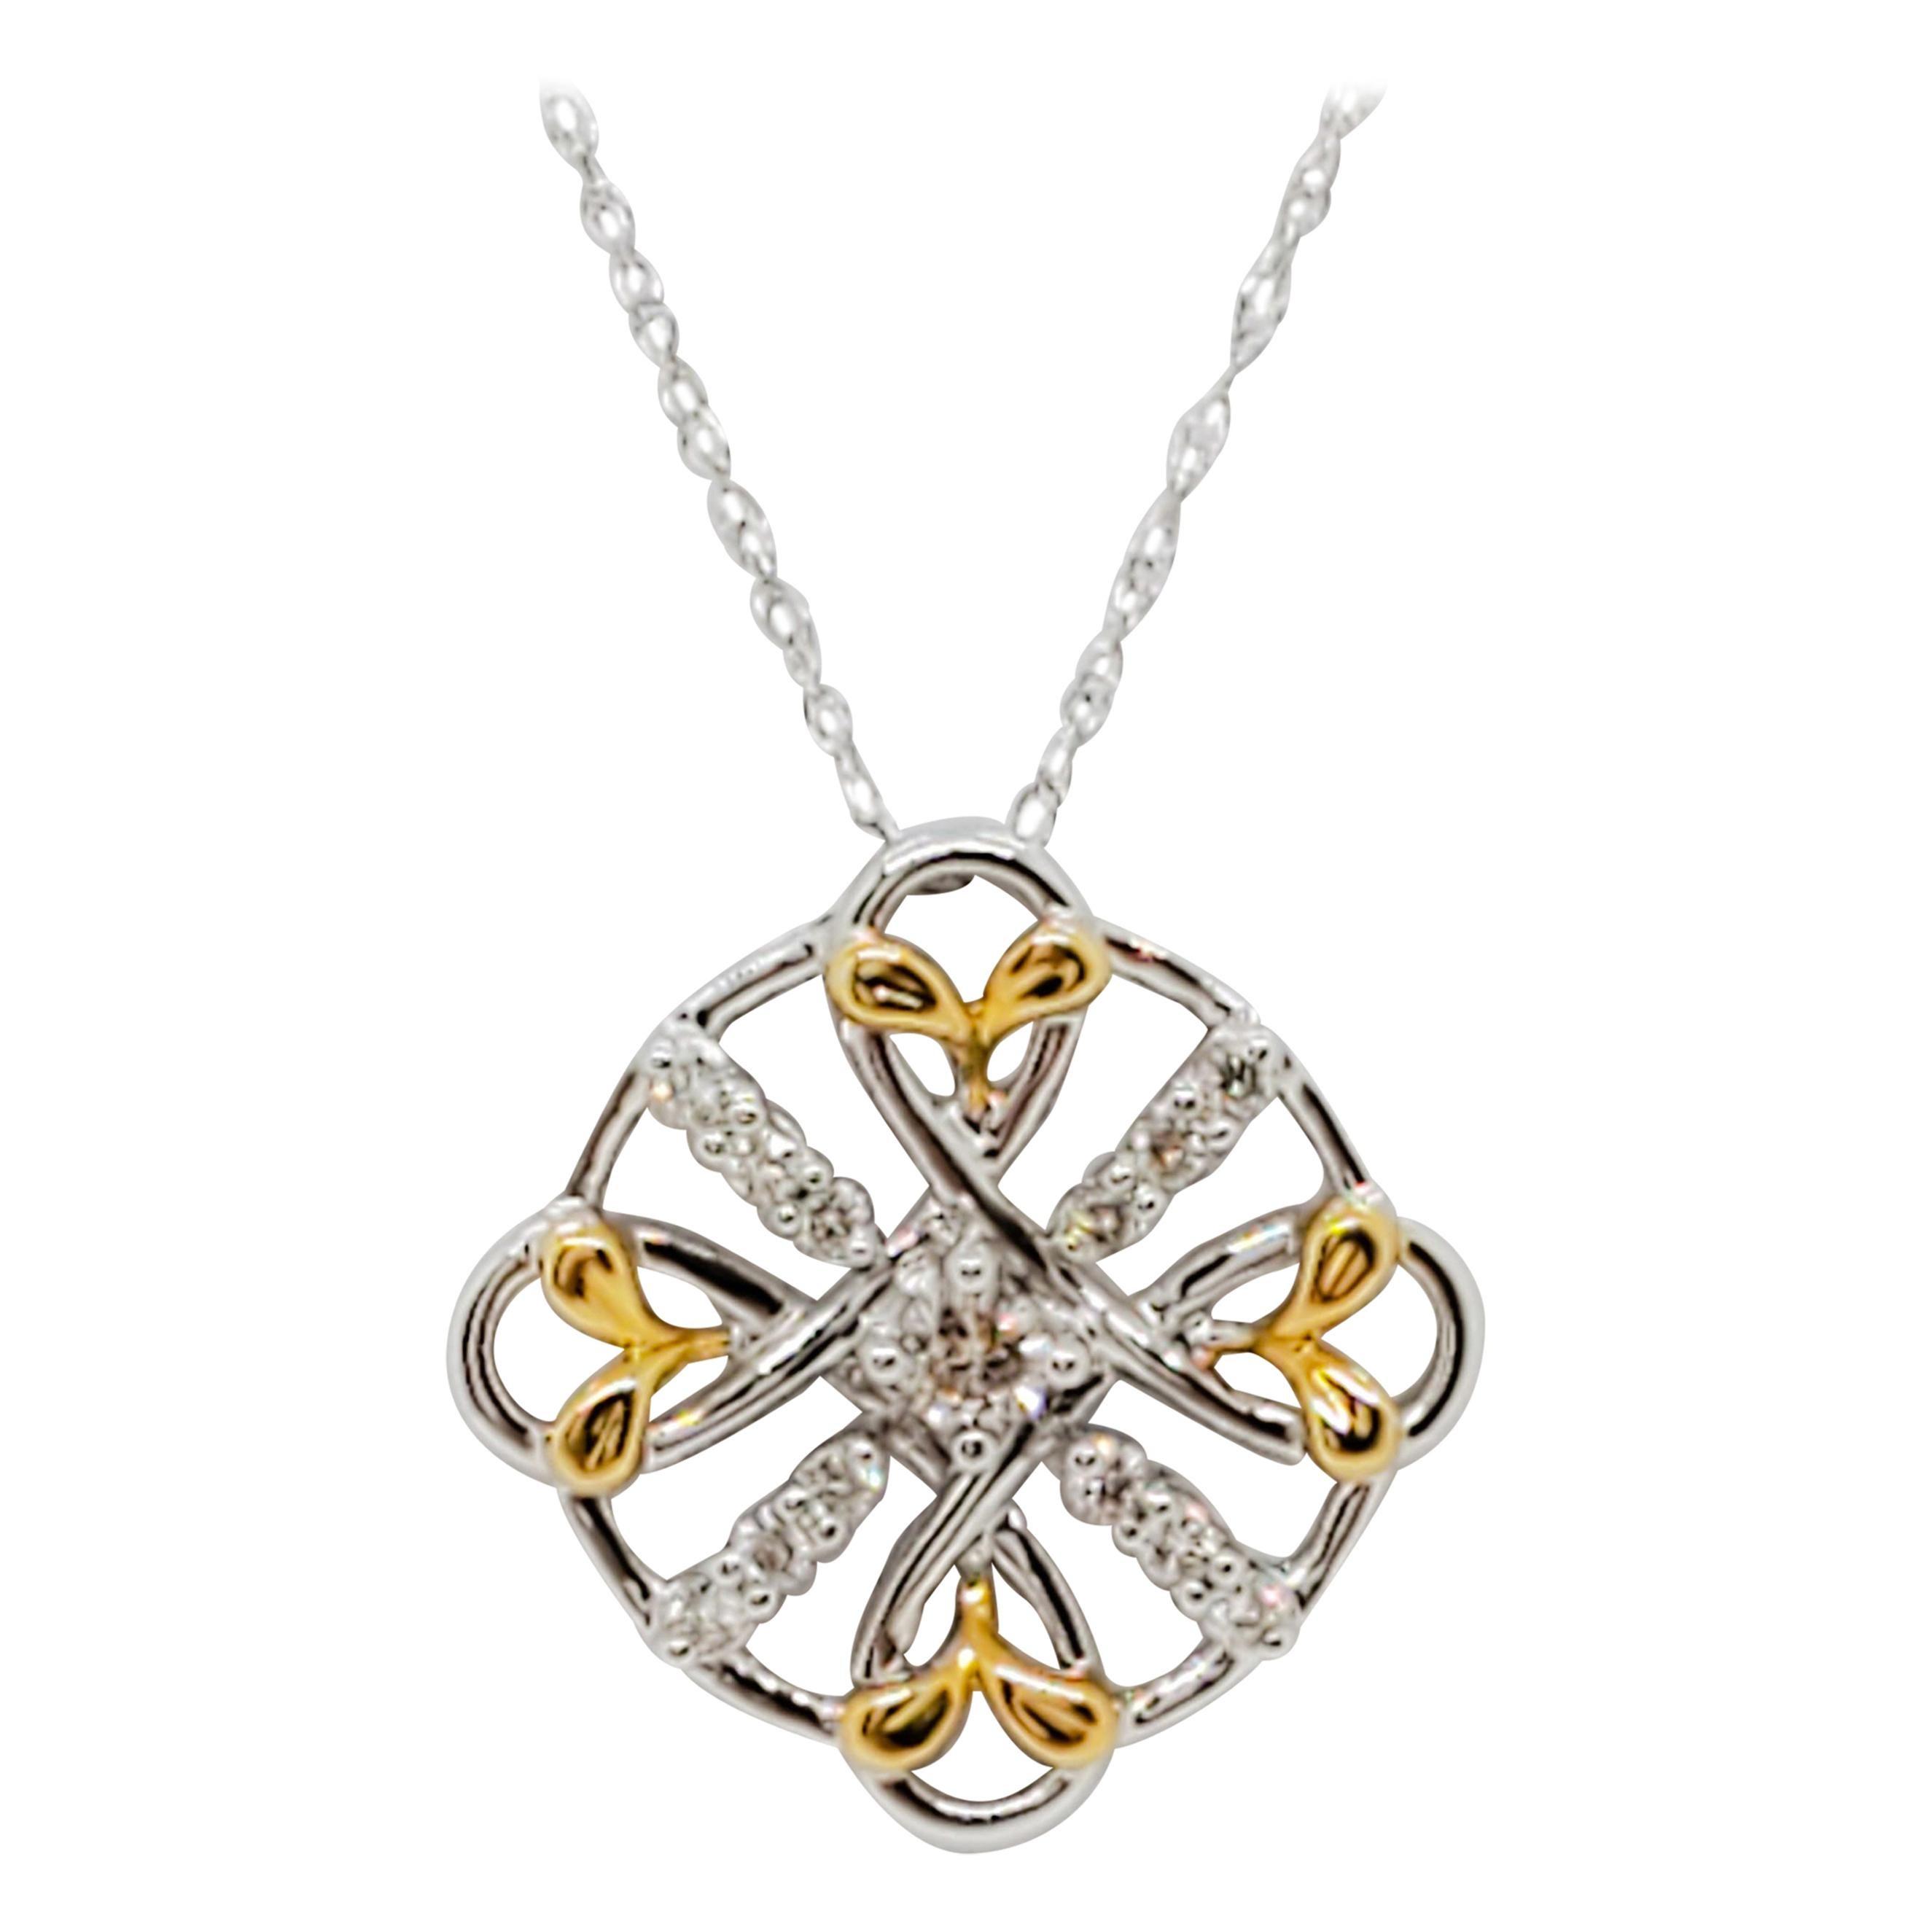 Estate White Diamond Pendant Necklace in 18k Two Tone Gold